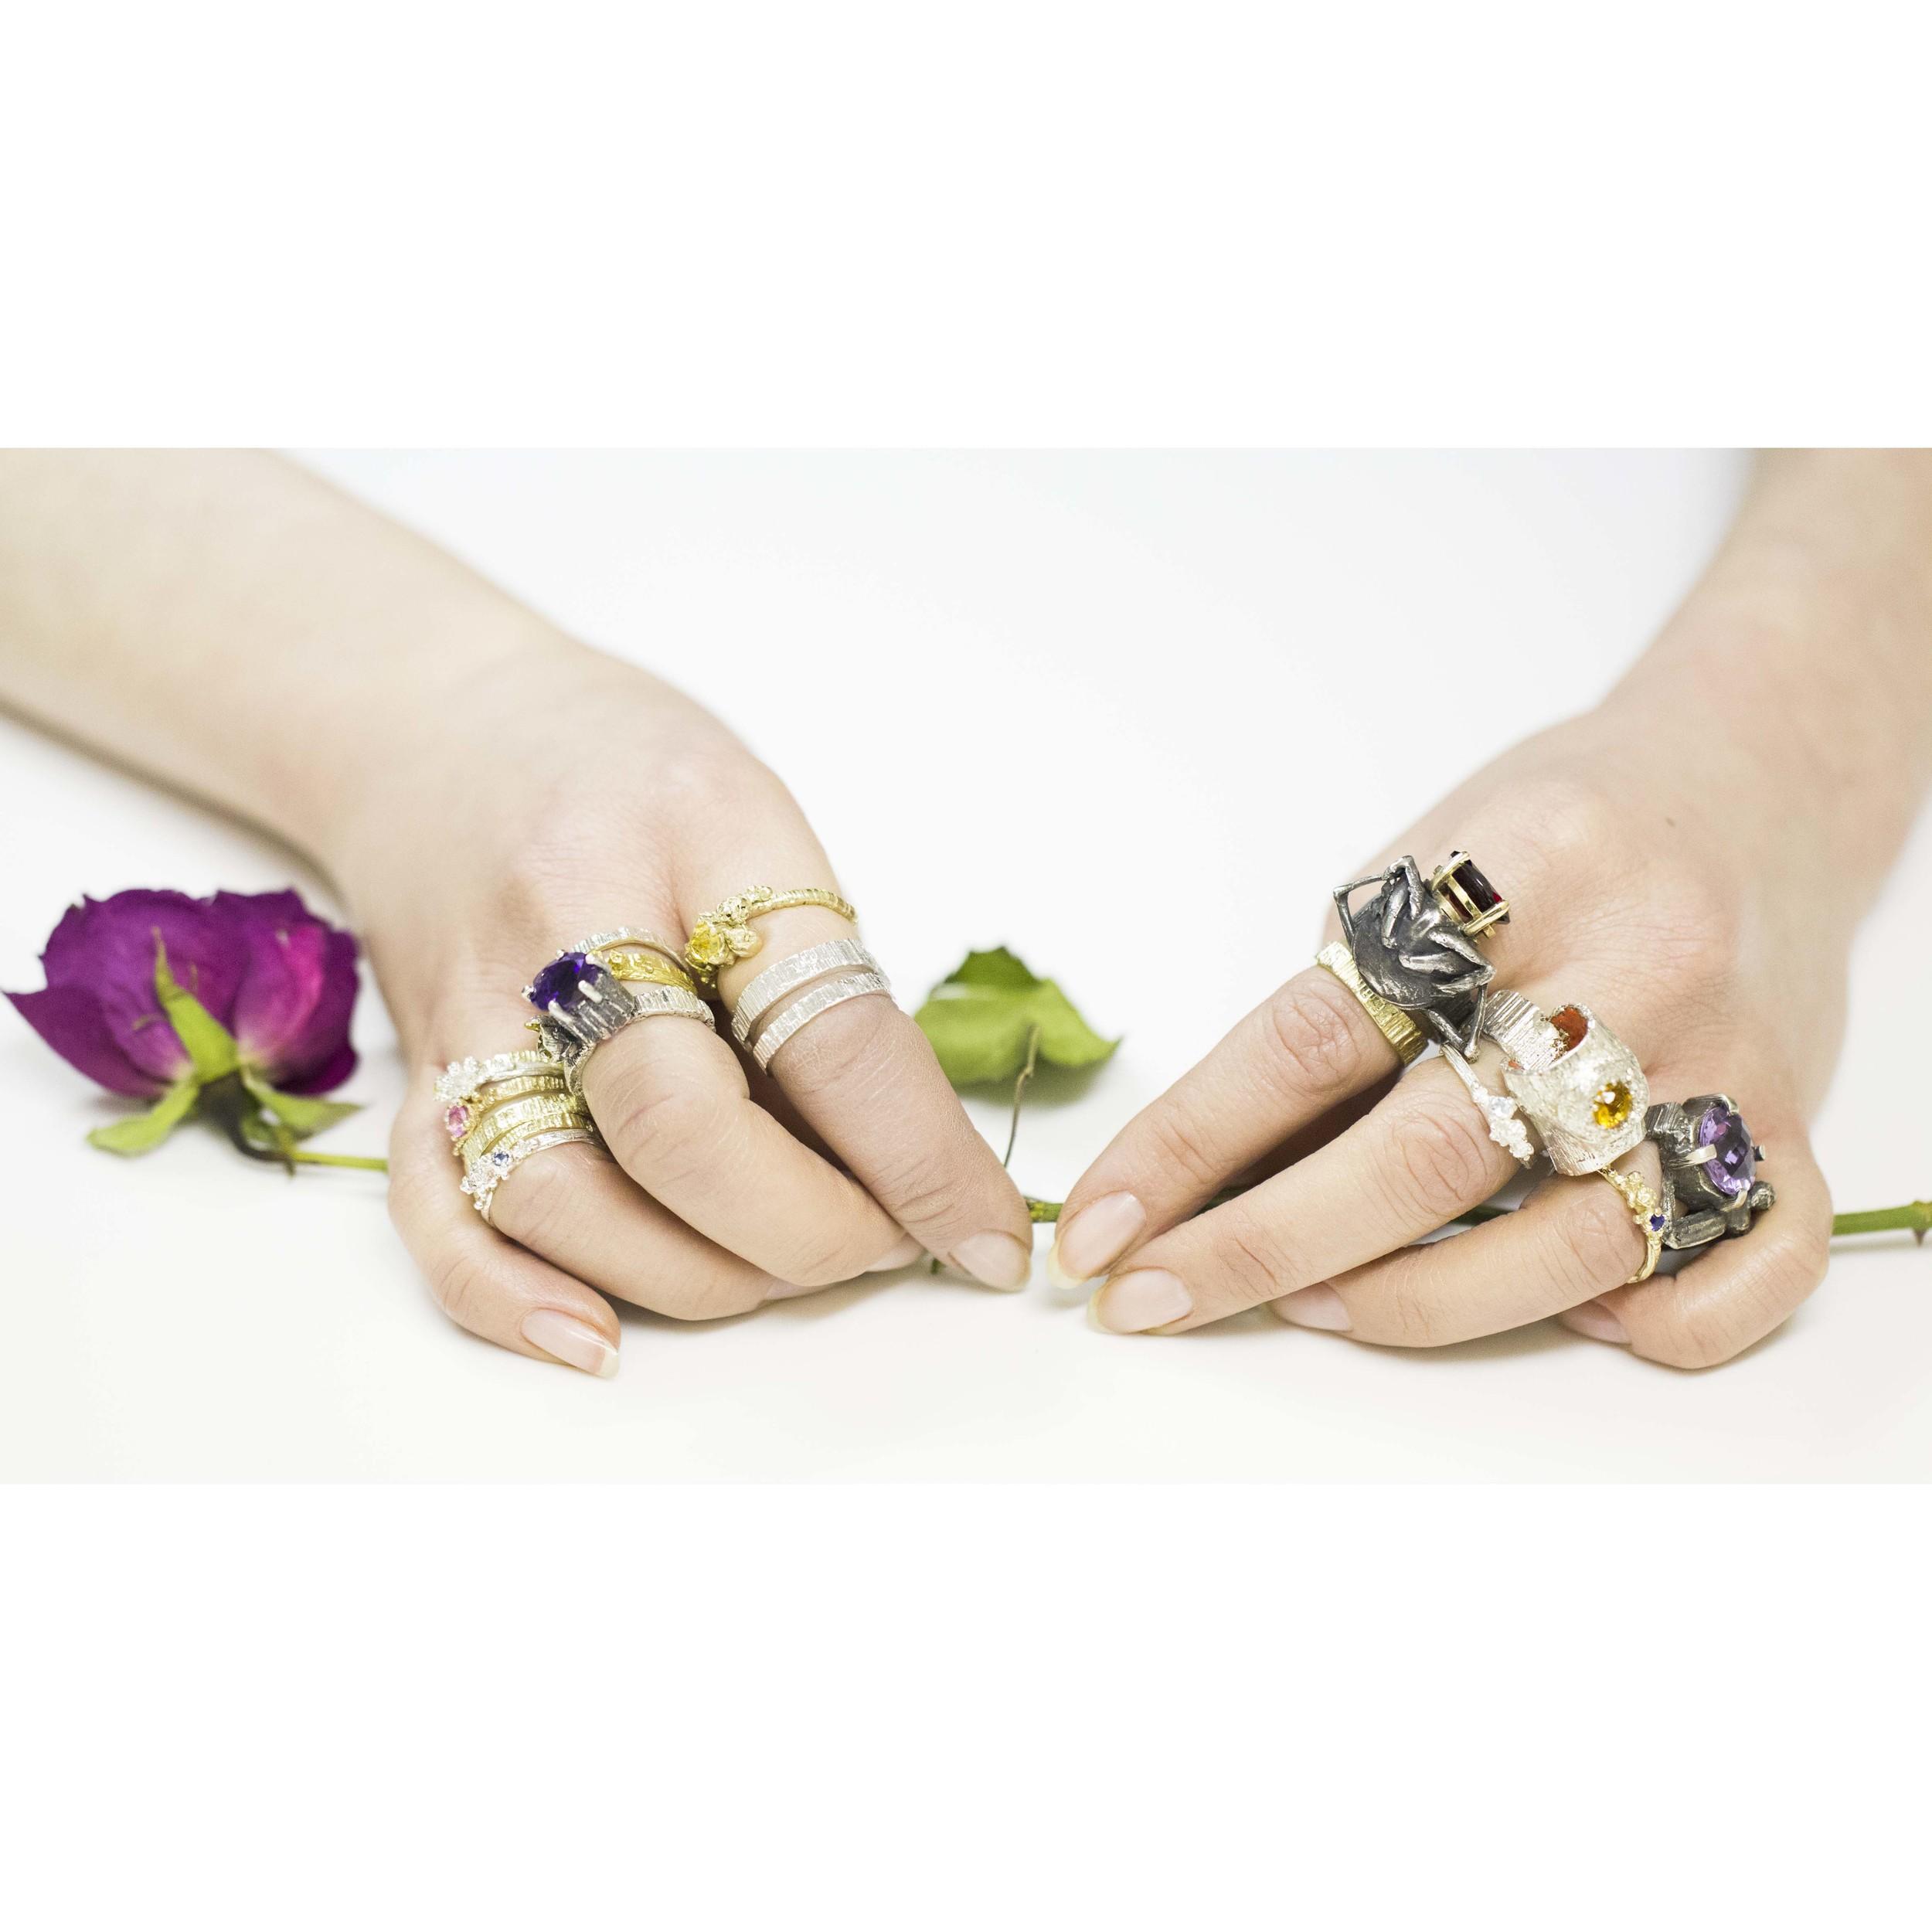 eily oconnell Hand shot rings.jpg